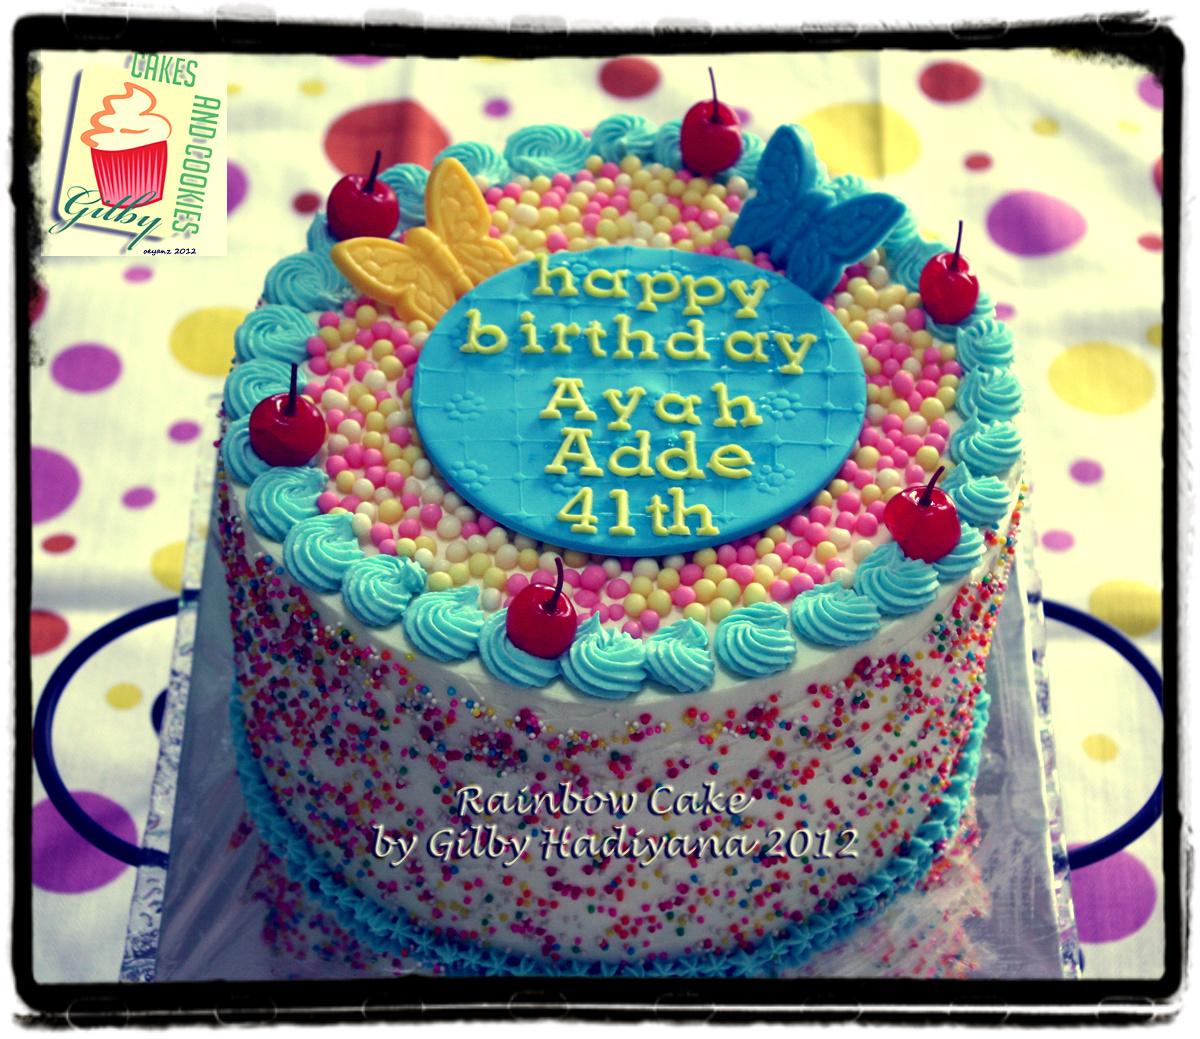 Gilby's Cake And Cookies: Rainbow Cake Untuk Ultah Ayah